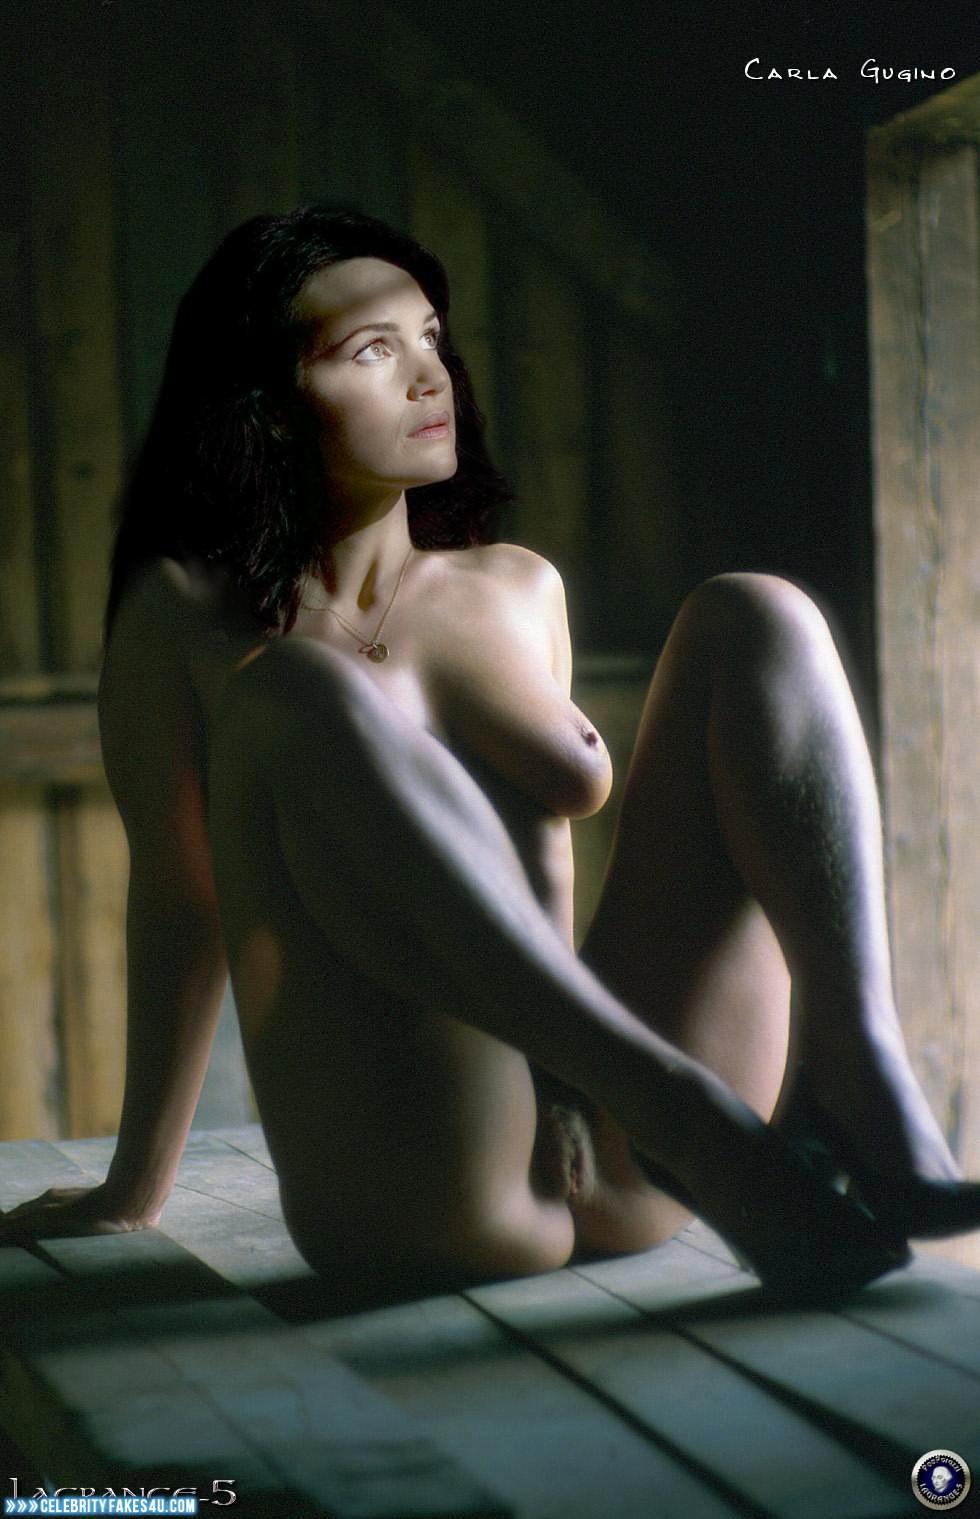 Carla gugino nudes